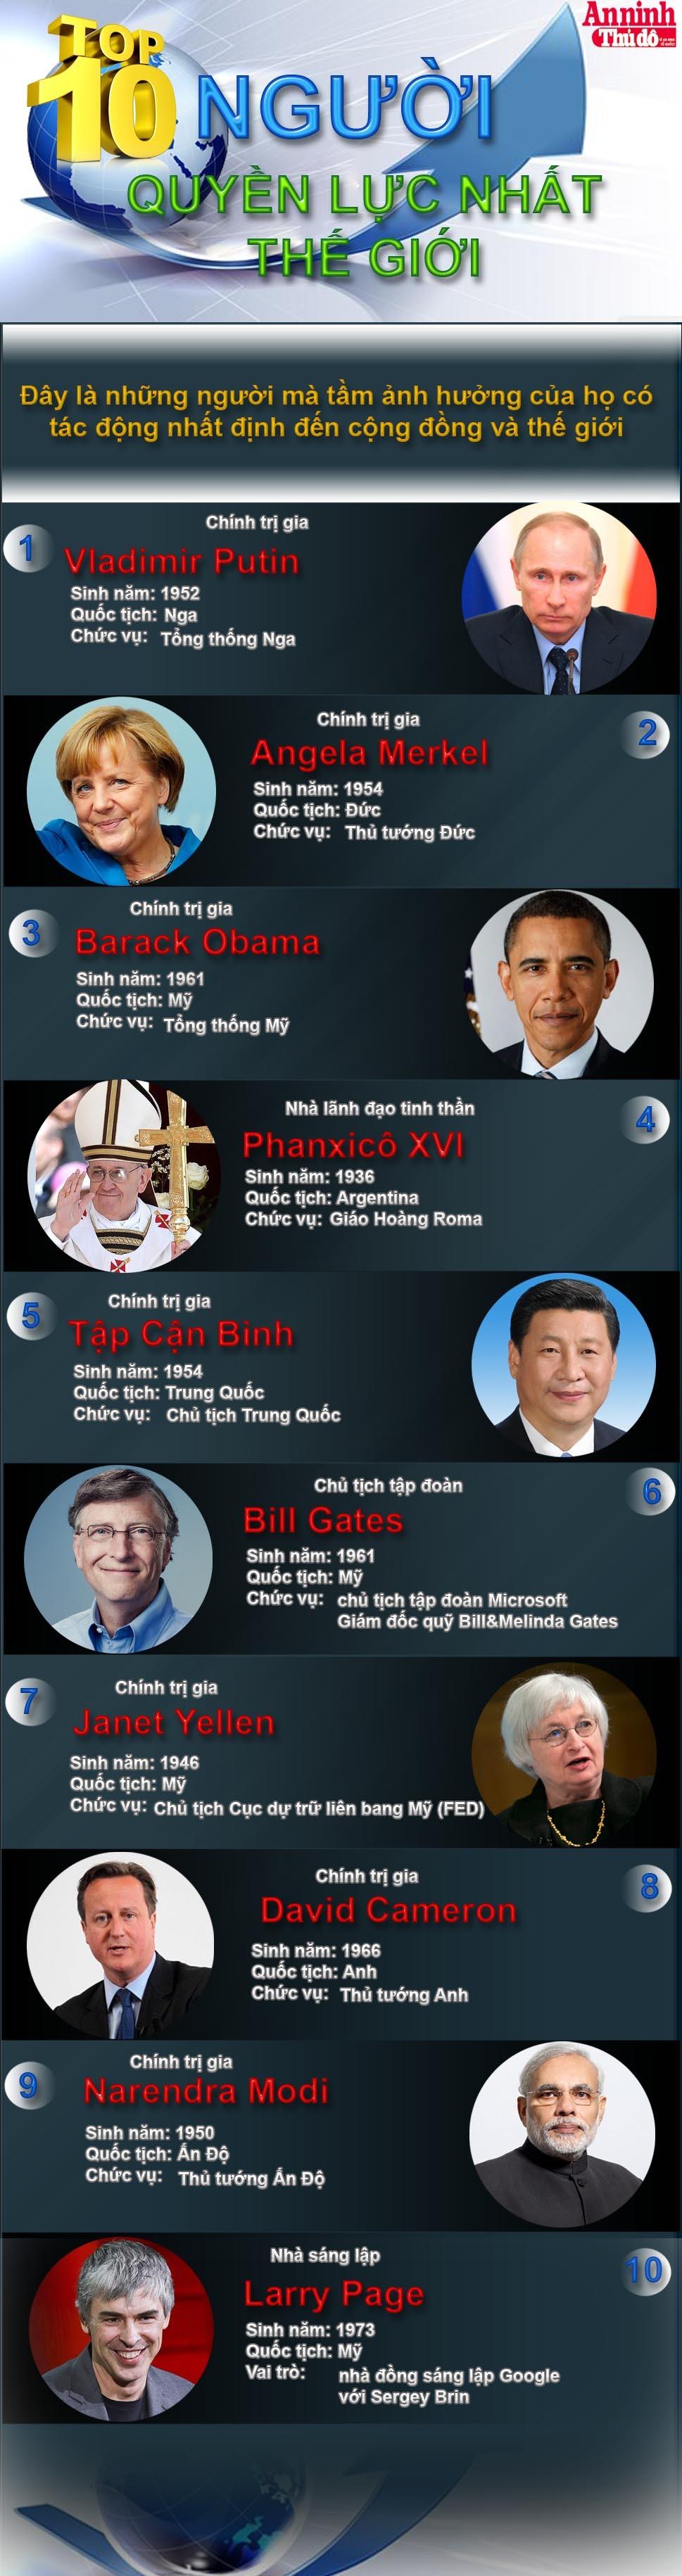 [Infographic] 10 người quyền lực nhất thế giới ảnh 1